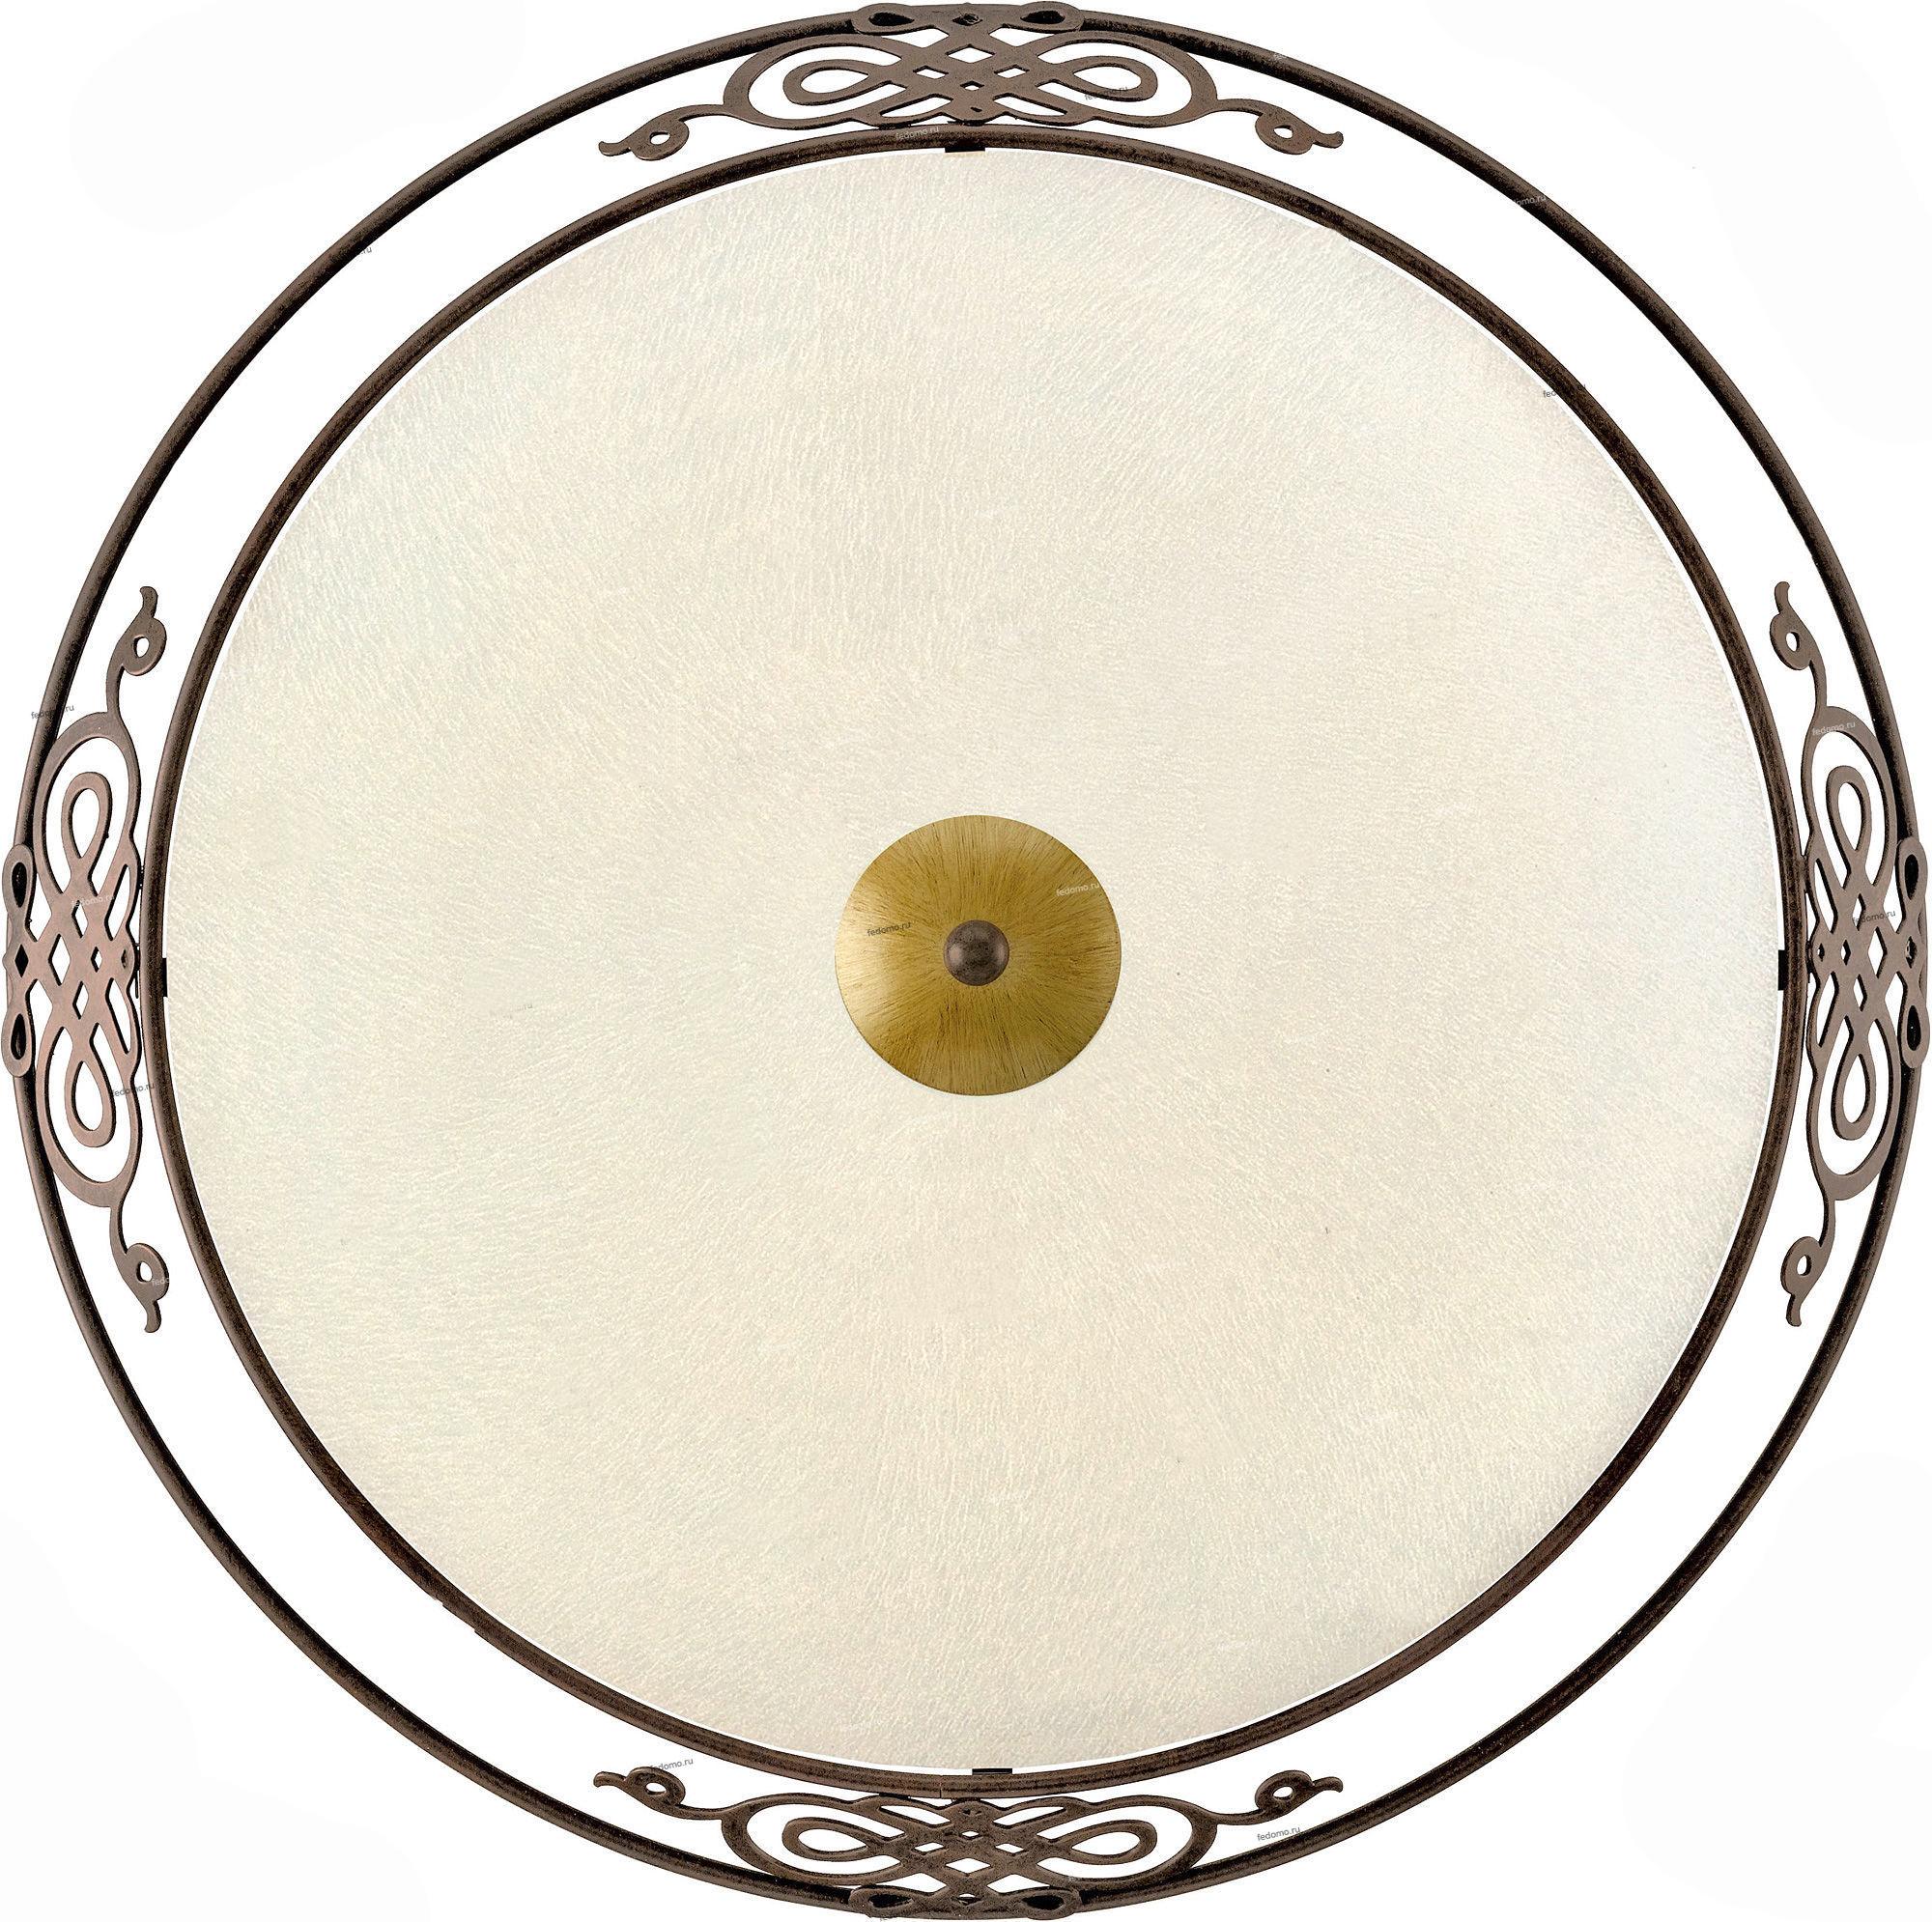 Светильник настенно-потолочный Eglo 86713-eg mestre eglo 87284 eg